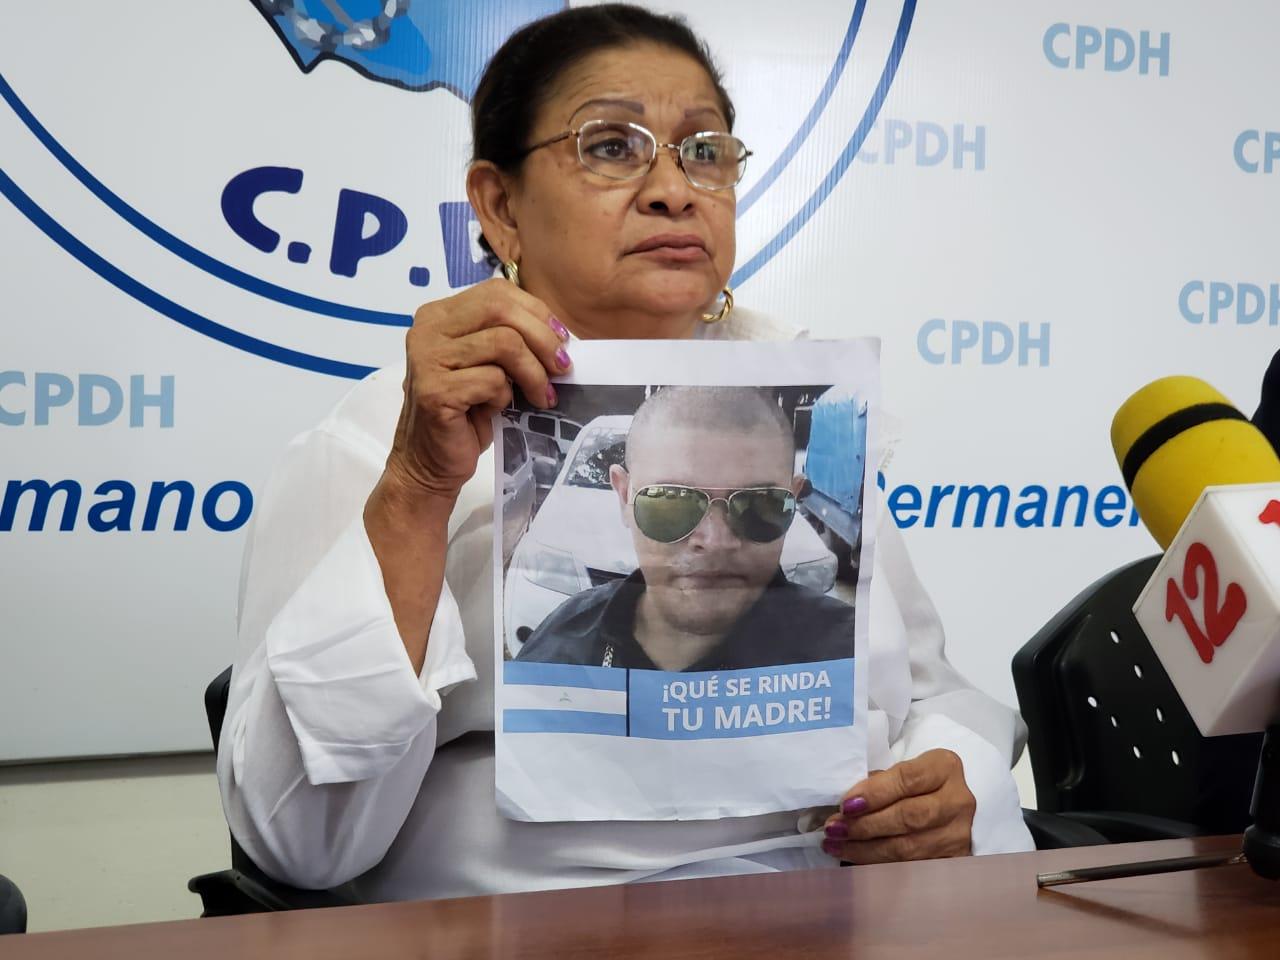 CIDH exige al régimen investigar el paradero de ciudadano desaparecido hace un año. Foto: Geovanny Shiffman/Artículo 66